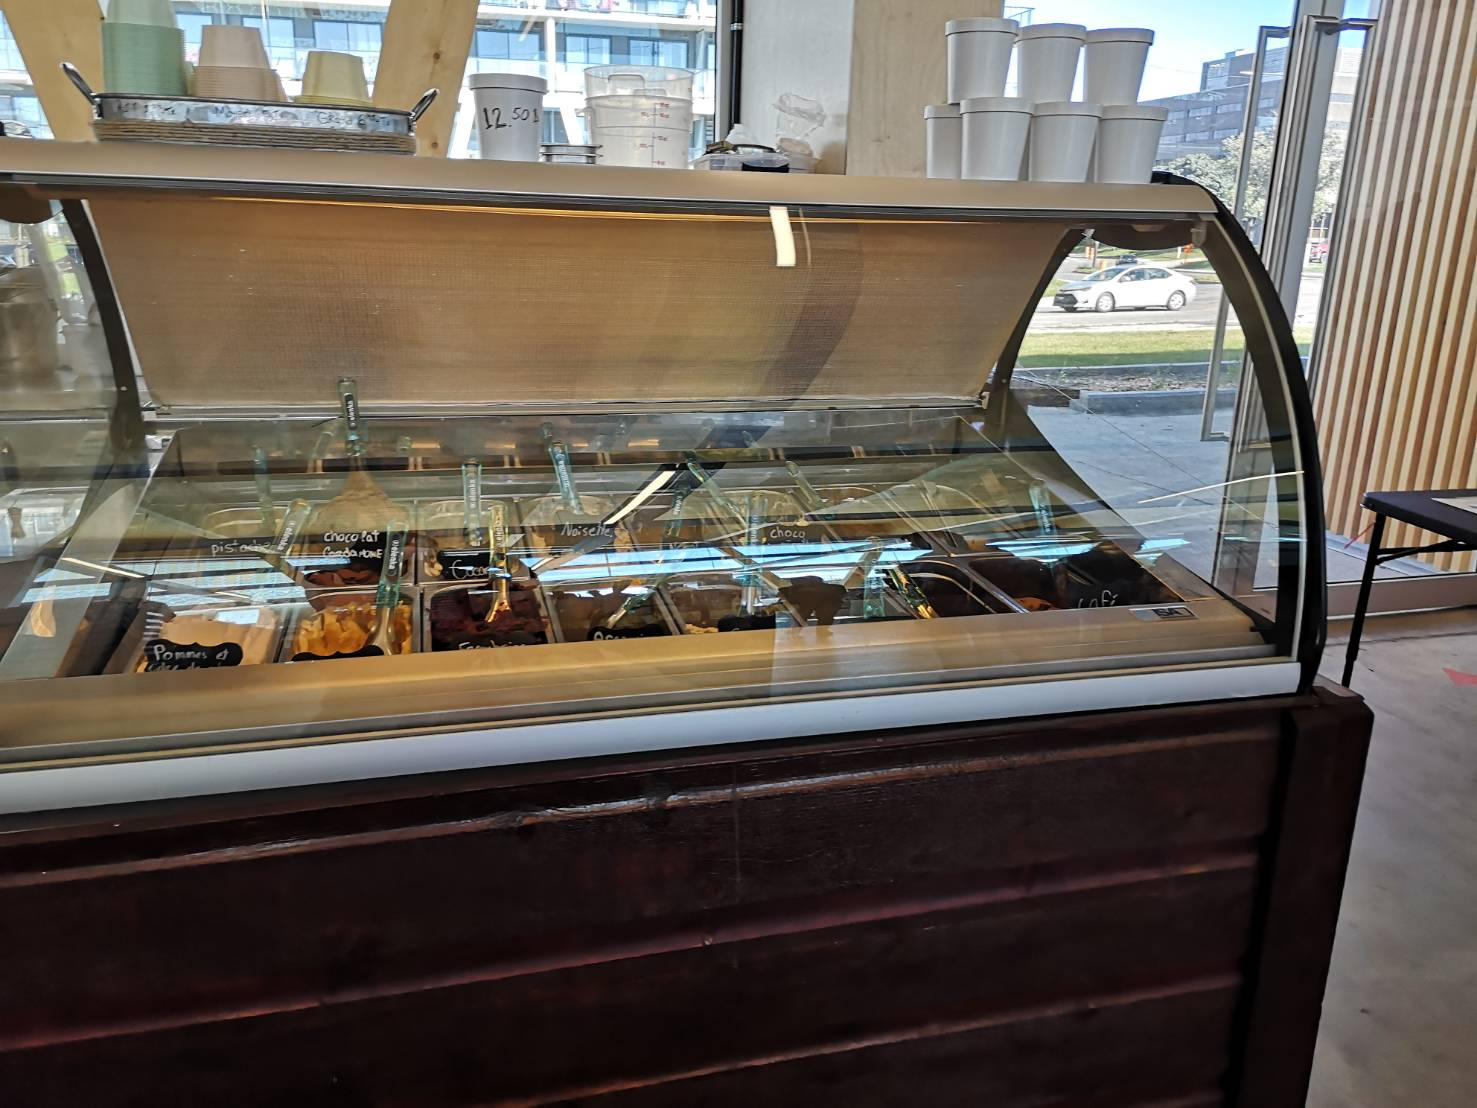 ソントフォワ市場のアイスクリーム